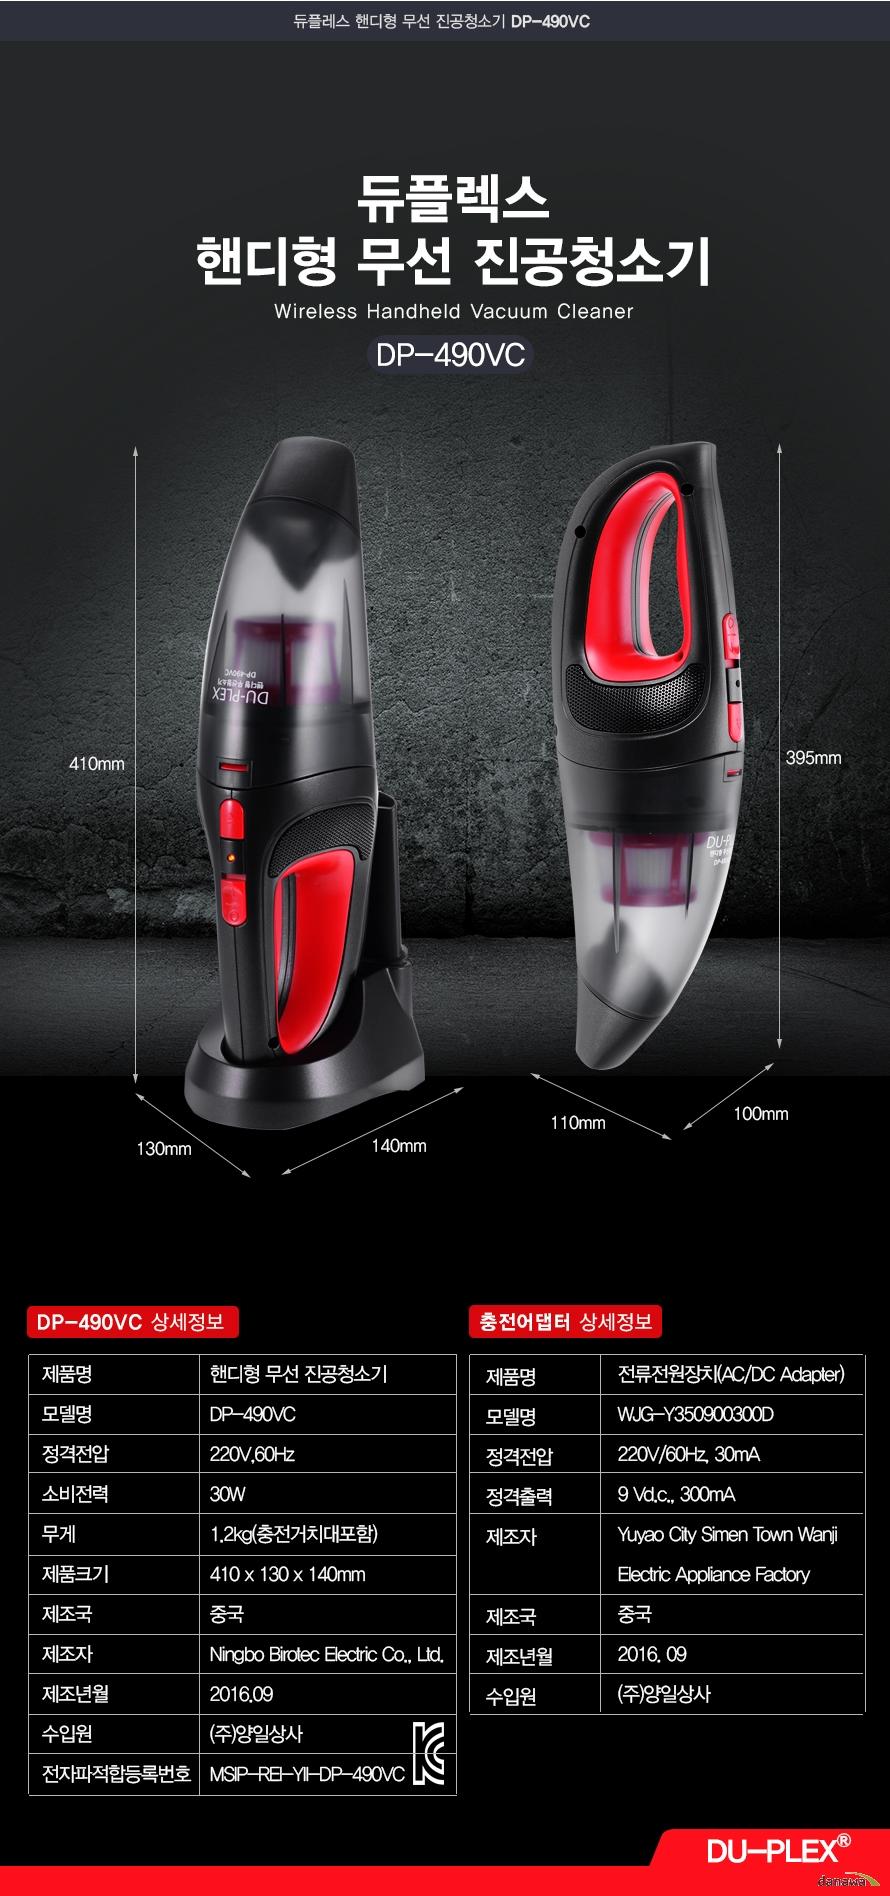 듀플렉스 핸디형 무선 진공청소기 Wireless Handheld Vacuum Cleaner DP-490VC    DP-490VC 상세정보 제품명 핸디형 무선 진공청소기 모델명 DP-490VC 정격전압 220V 60Hz 소비전력 30W 무게 1.2kg 충전거치대 포함 제품크기 410X130X140mm 제조국 중국 제조자 Ningbo Birotec Electric Co.Ltd. 제조년월 2016.09 수입원 (주)양일상사 전자파적합등록번호 MSIP-REI-YII DP-490VC    충전어댑터 상세정보 제품명 전류전원장치 AC DC Adapter 모델명 WJG-Y350900300D 정격전압 220V 60 Hz 30mA 정격출력 9VD.c.,300mA 제조자 Yuyao City simen town wanji electric appliance Factory 제조국 중국 제조년월 2016.09 수입원 주 양일상사